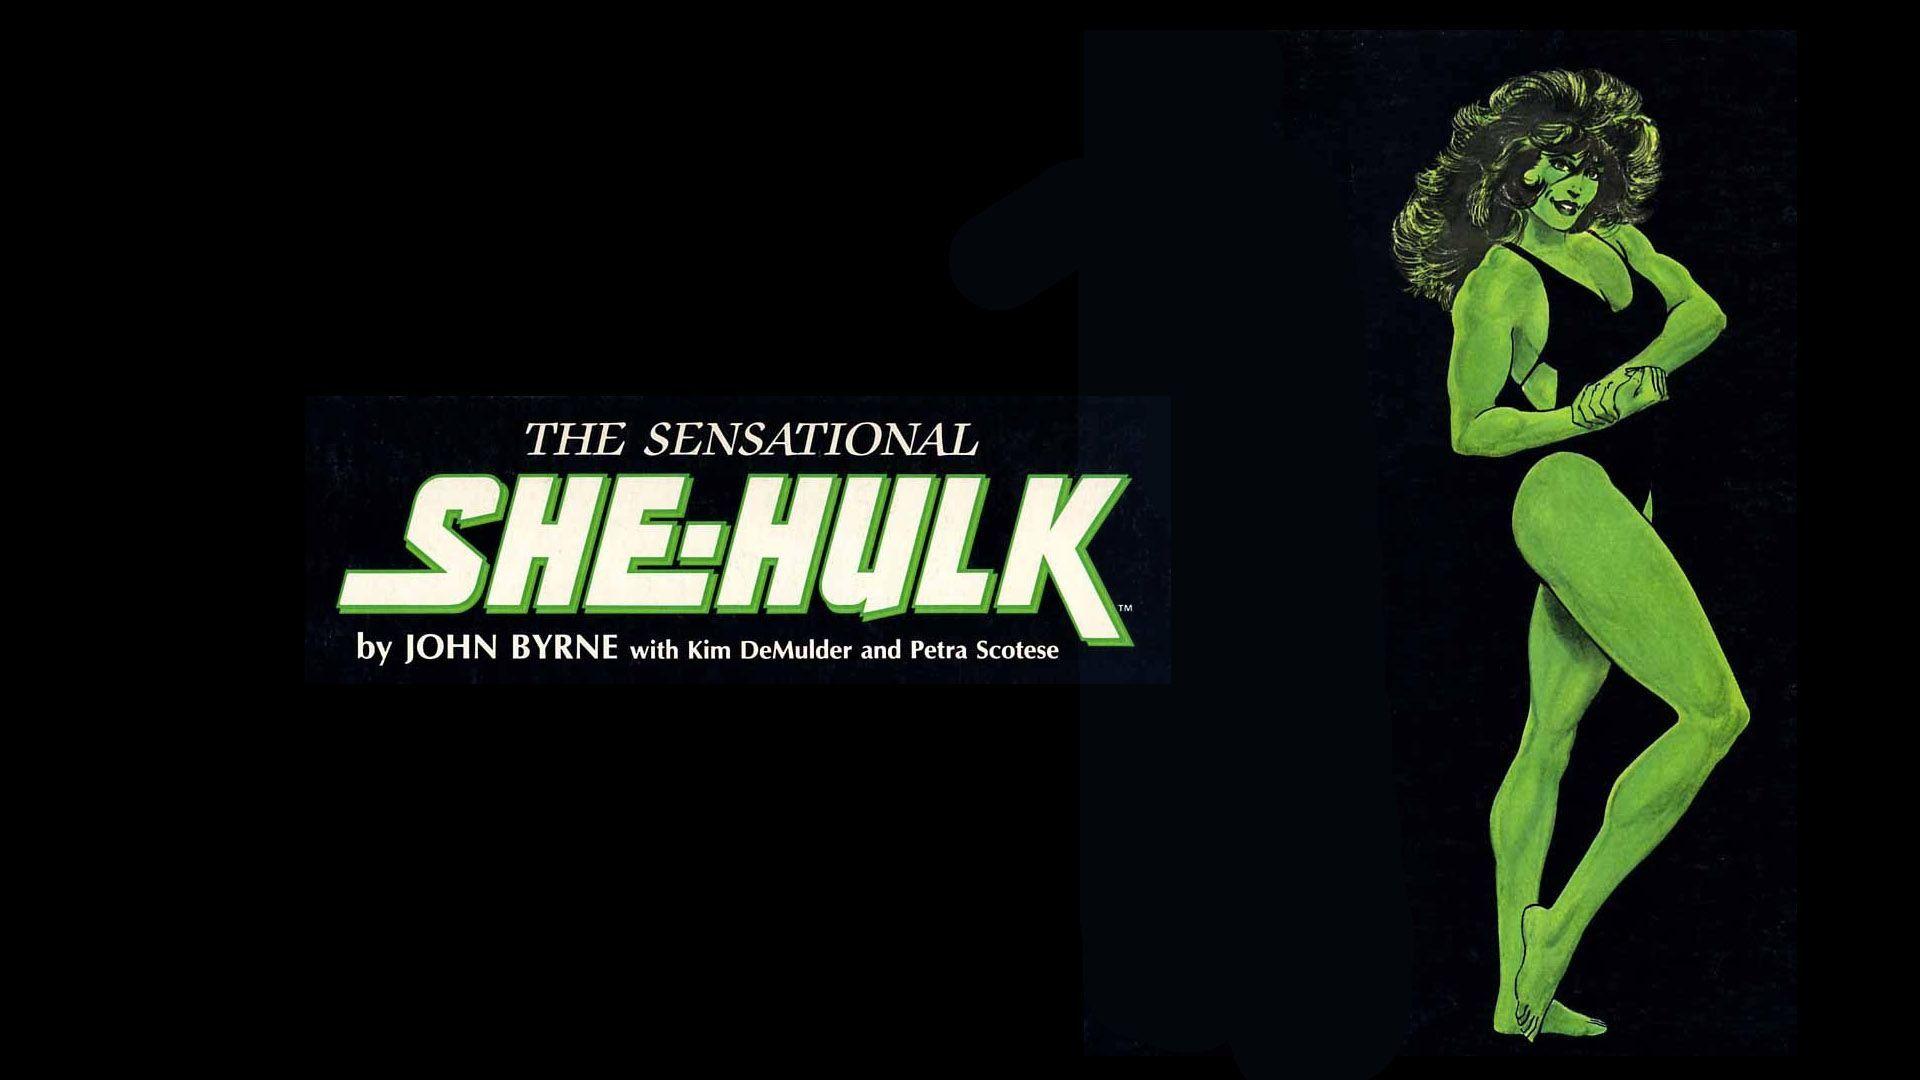 Comics-She-hulk-1920x1080-px-Free-Download-wallpaper-wpc5803602